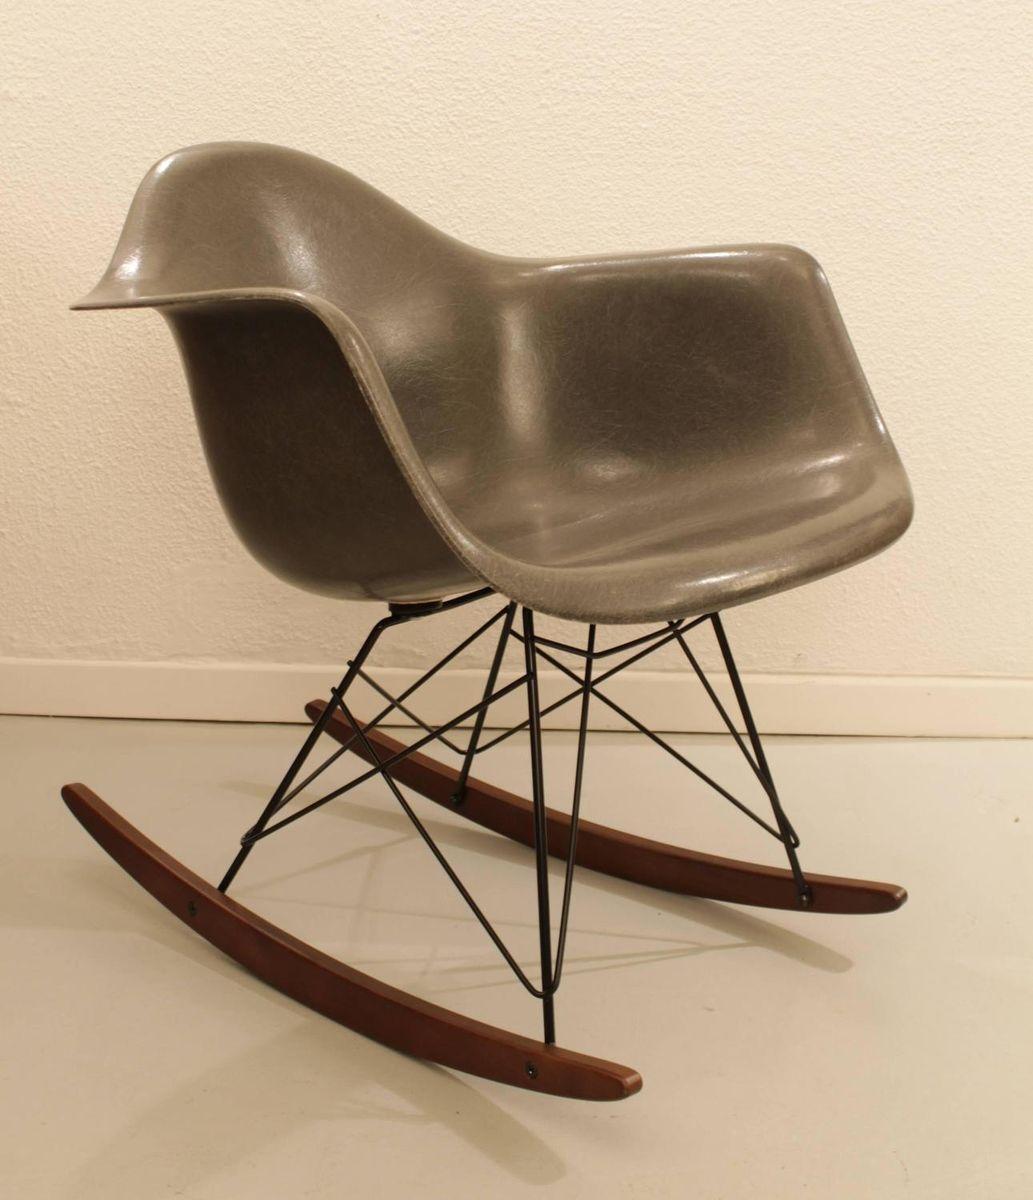 grauer rocking chair von charles ray eames f r herman miller 1960er bei pamono kaufen. Black Bedroom Furniture Sets. Home Design Ideas